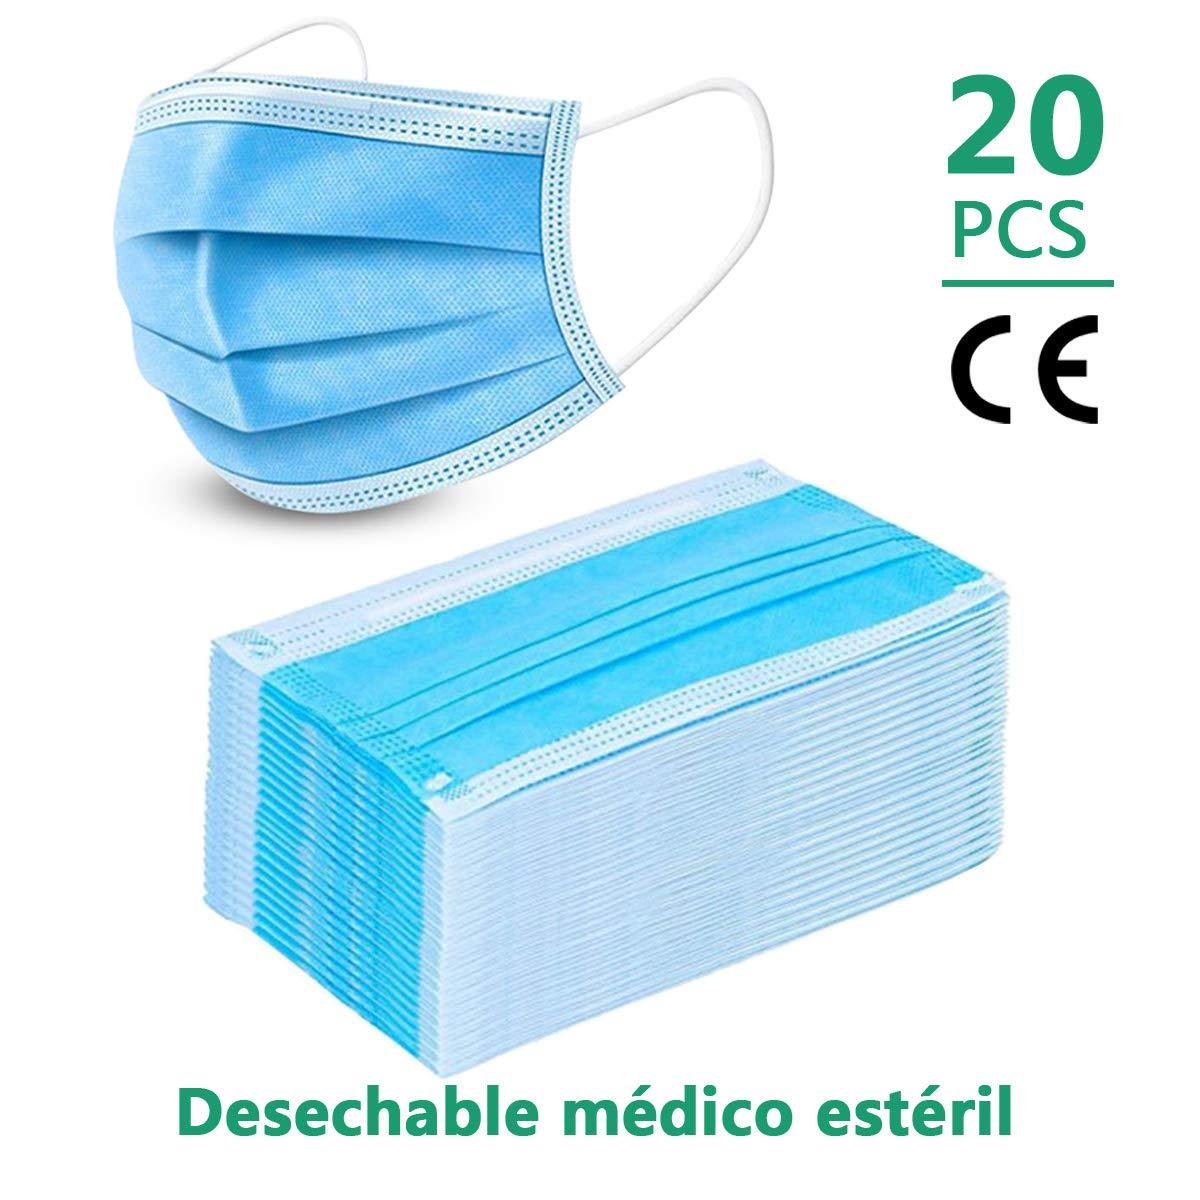 El Uso quirúrgico (20 PCS) Máscara Facial M-A-S-K-S, la protección de la Salud, el Cuidado médico Esteticista-Uso-Sellado estándar Bolsa higiénica